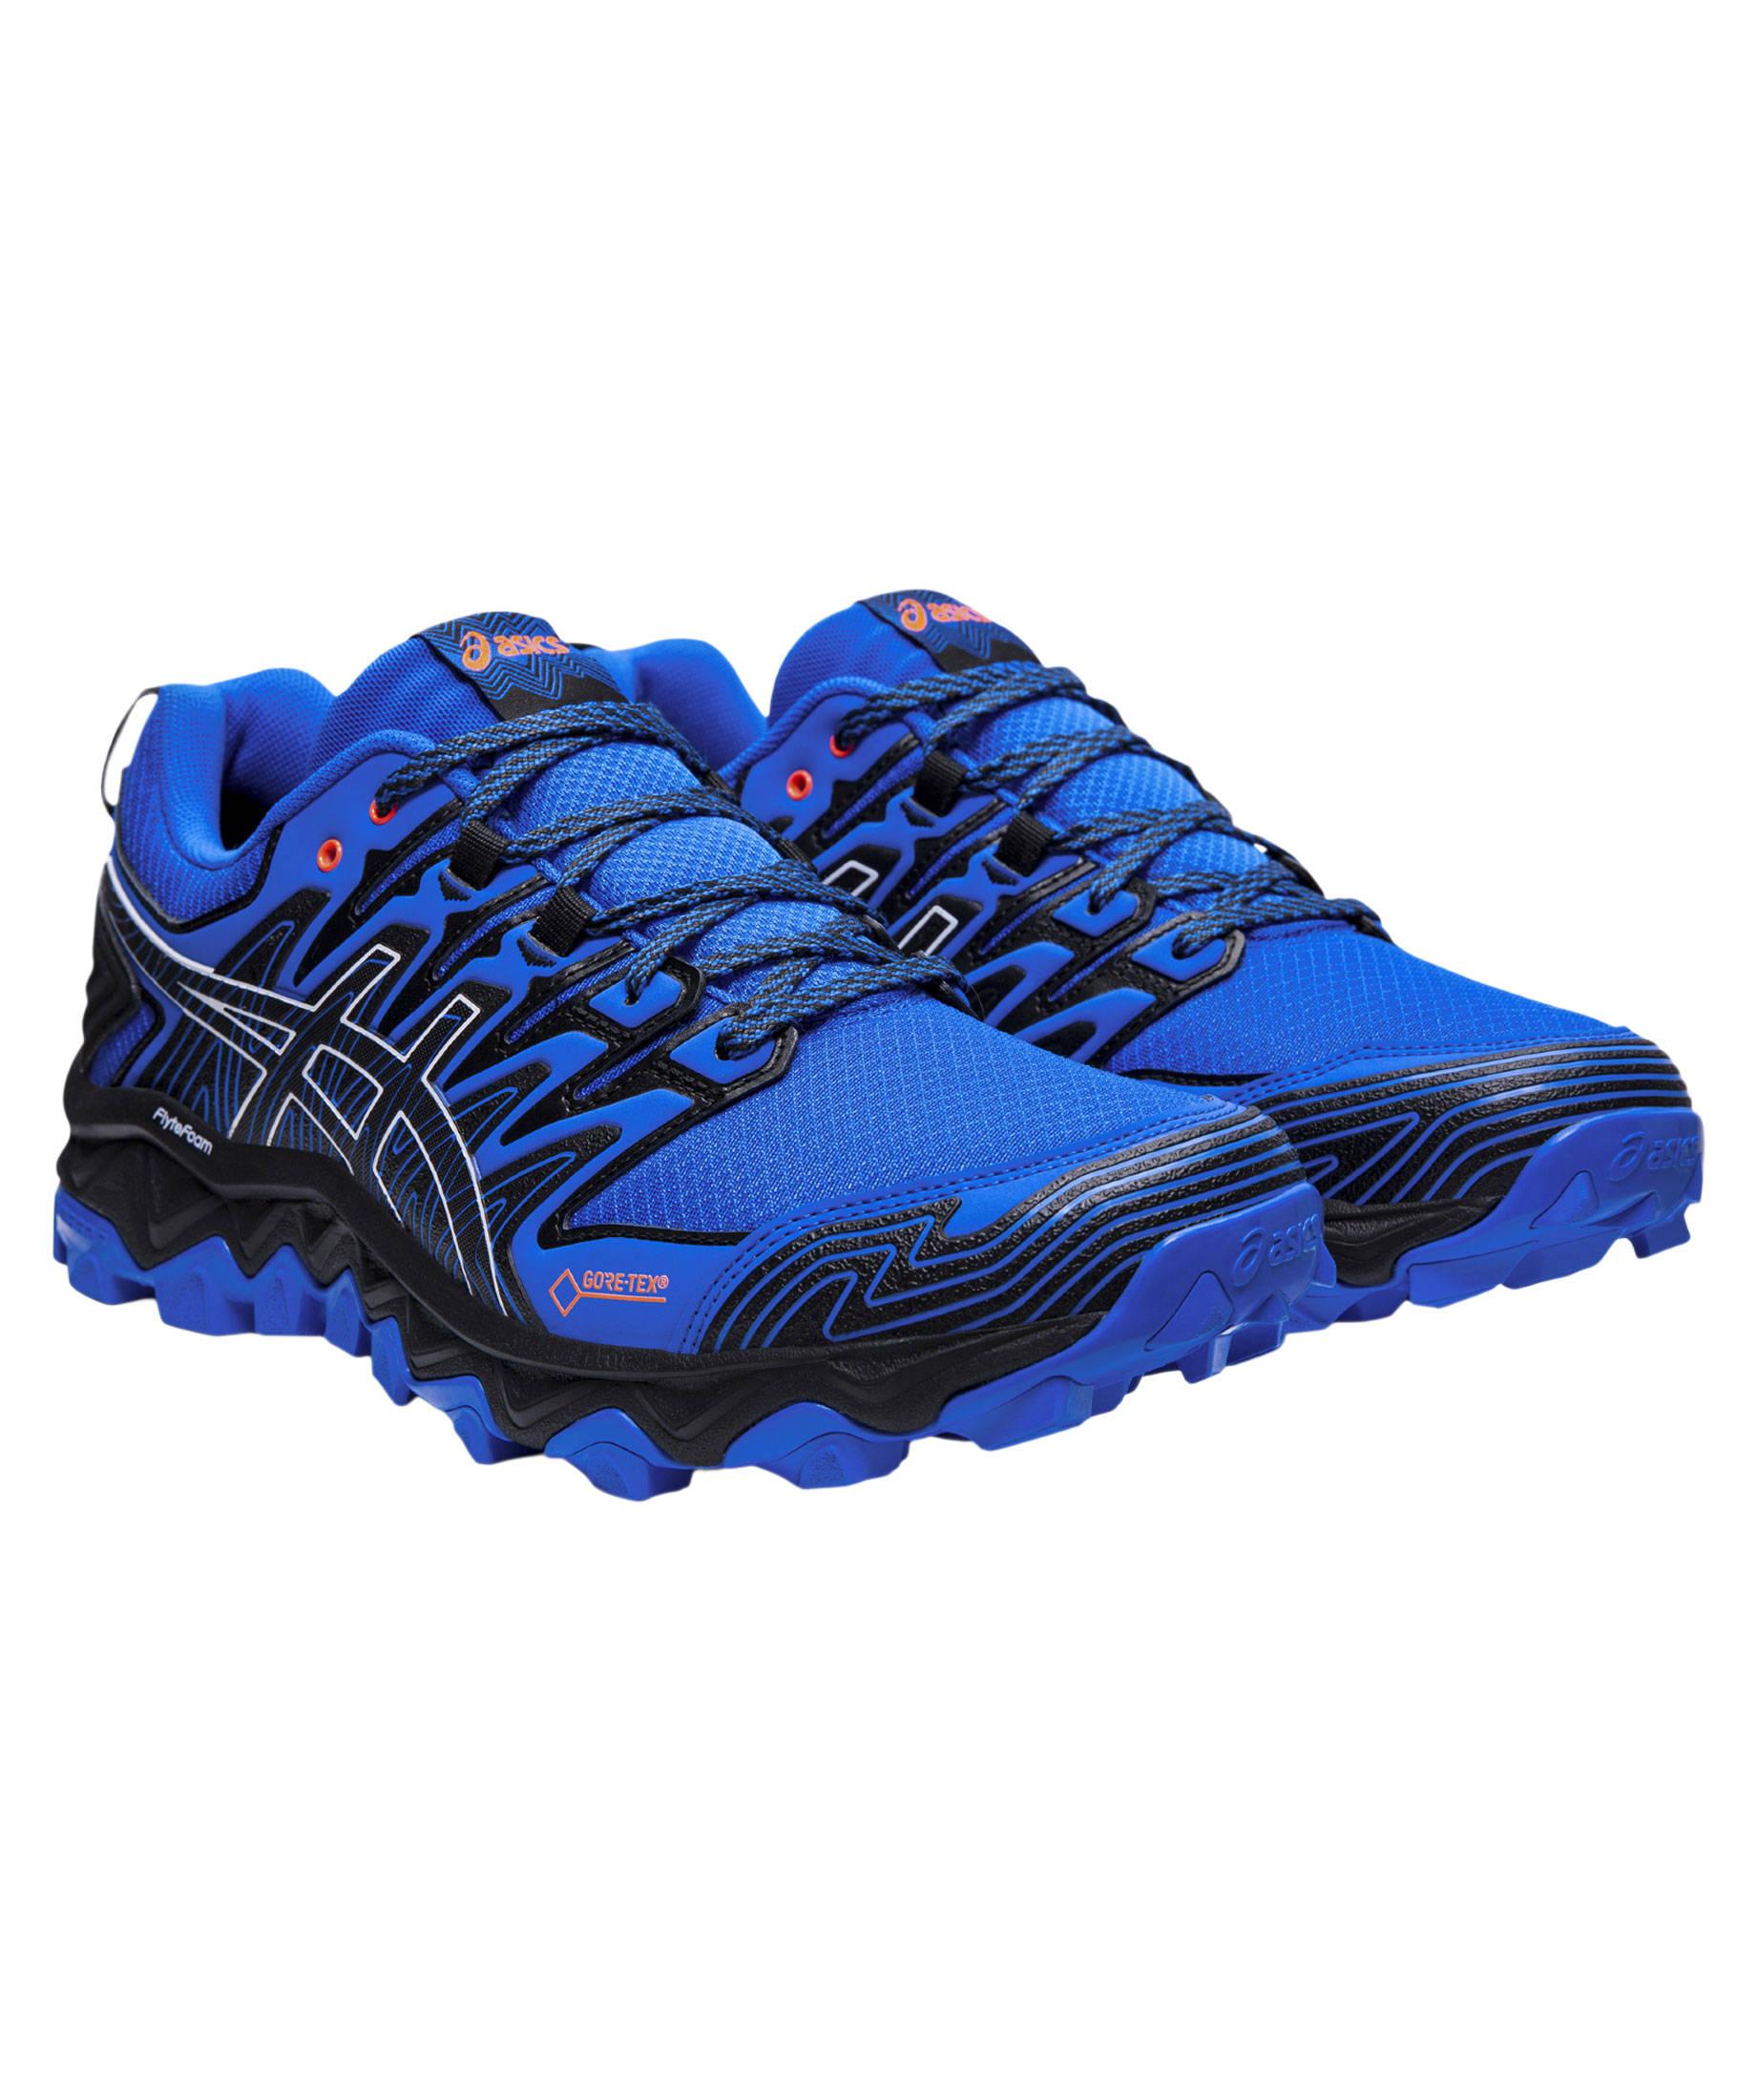 outlet store 6c21a b6cfb Herren Trailrunning-Schuhe